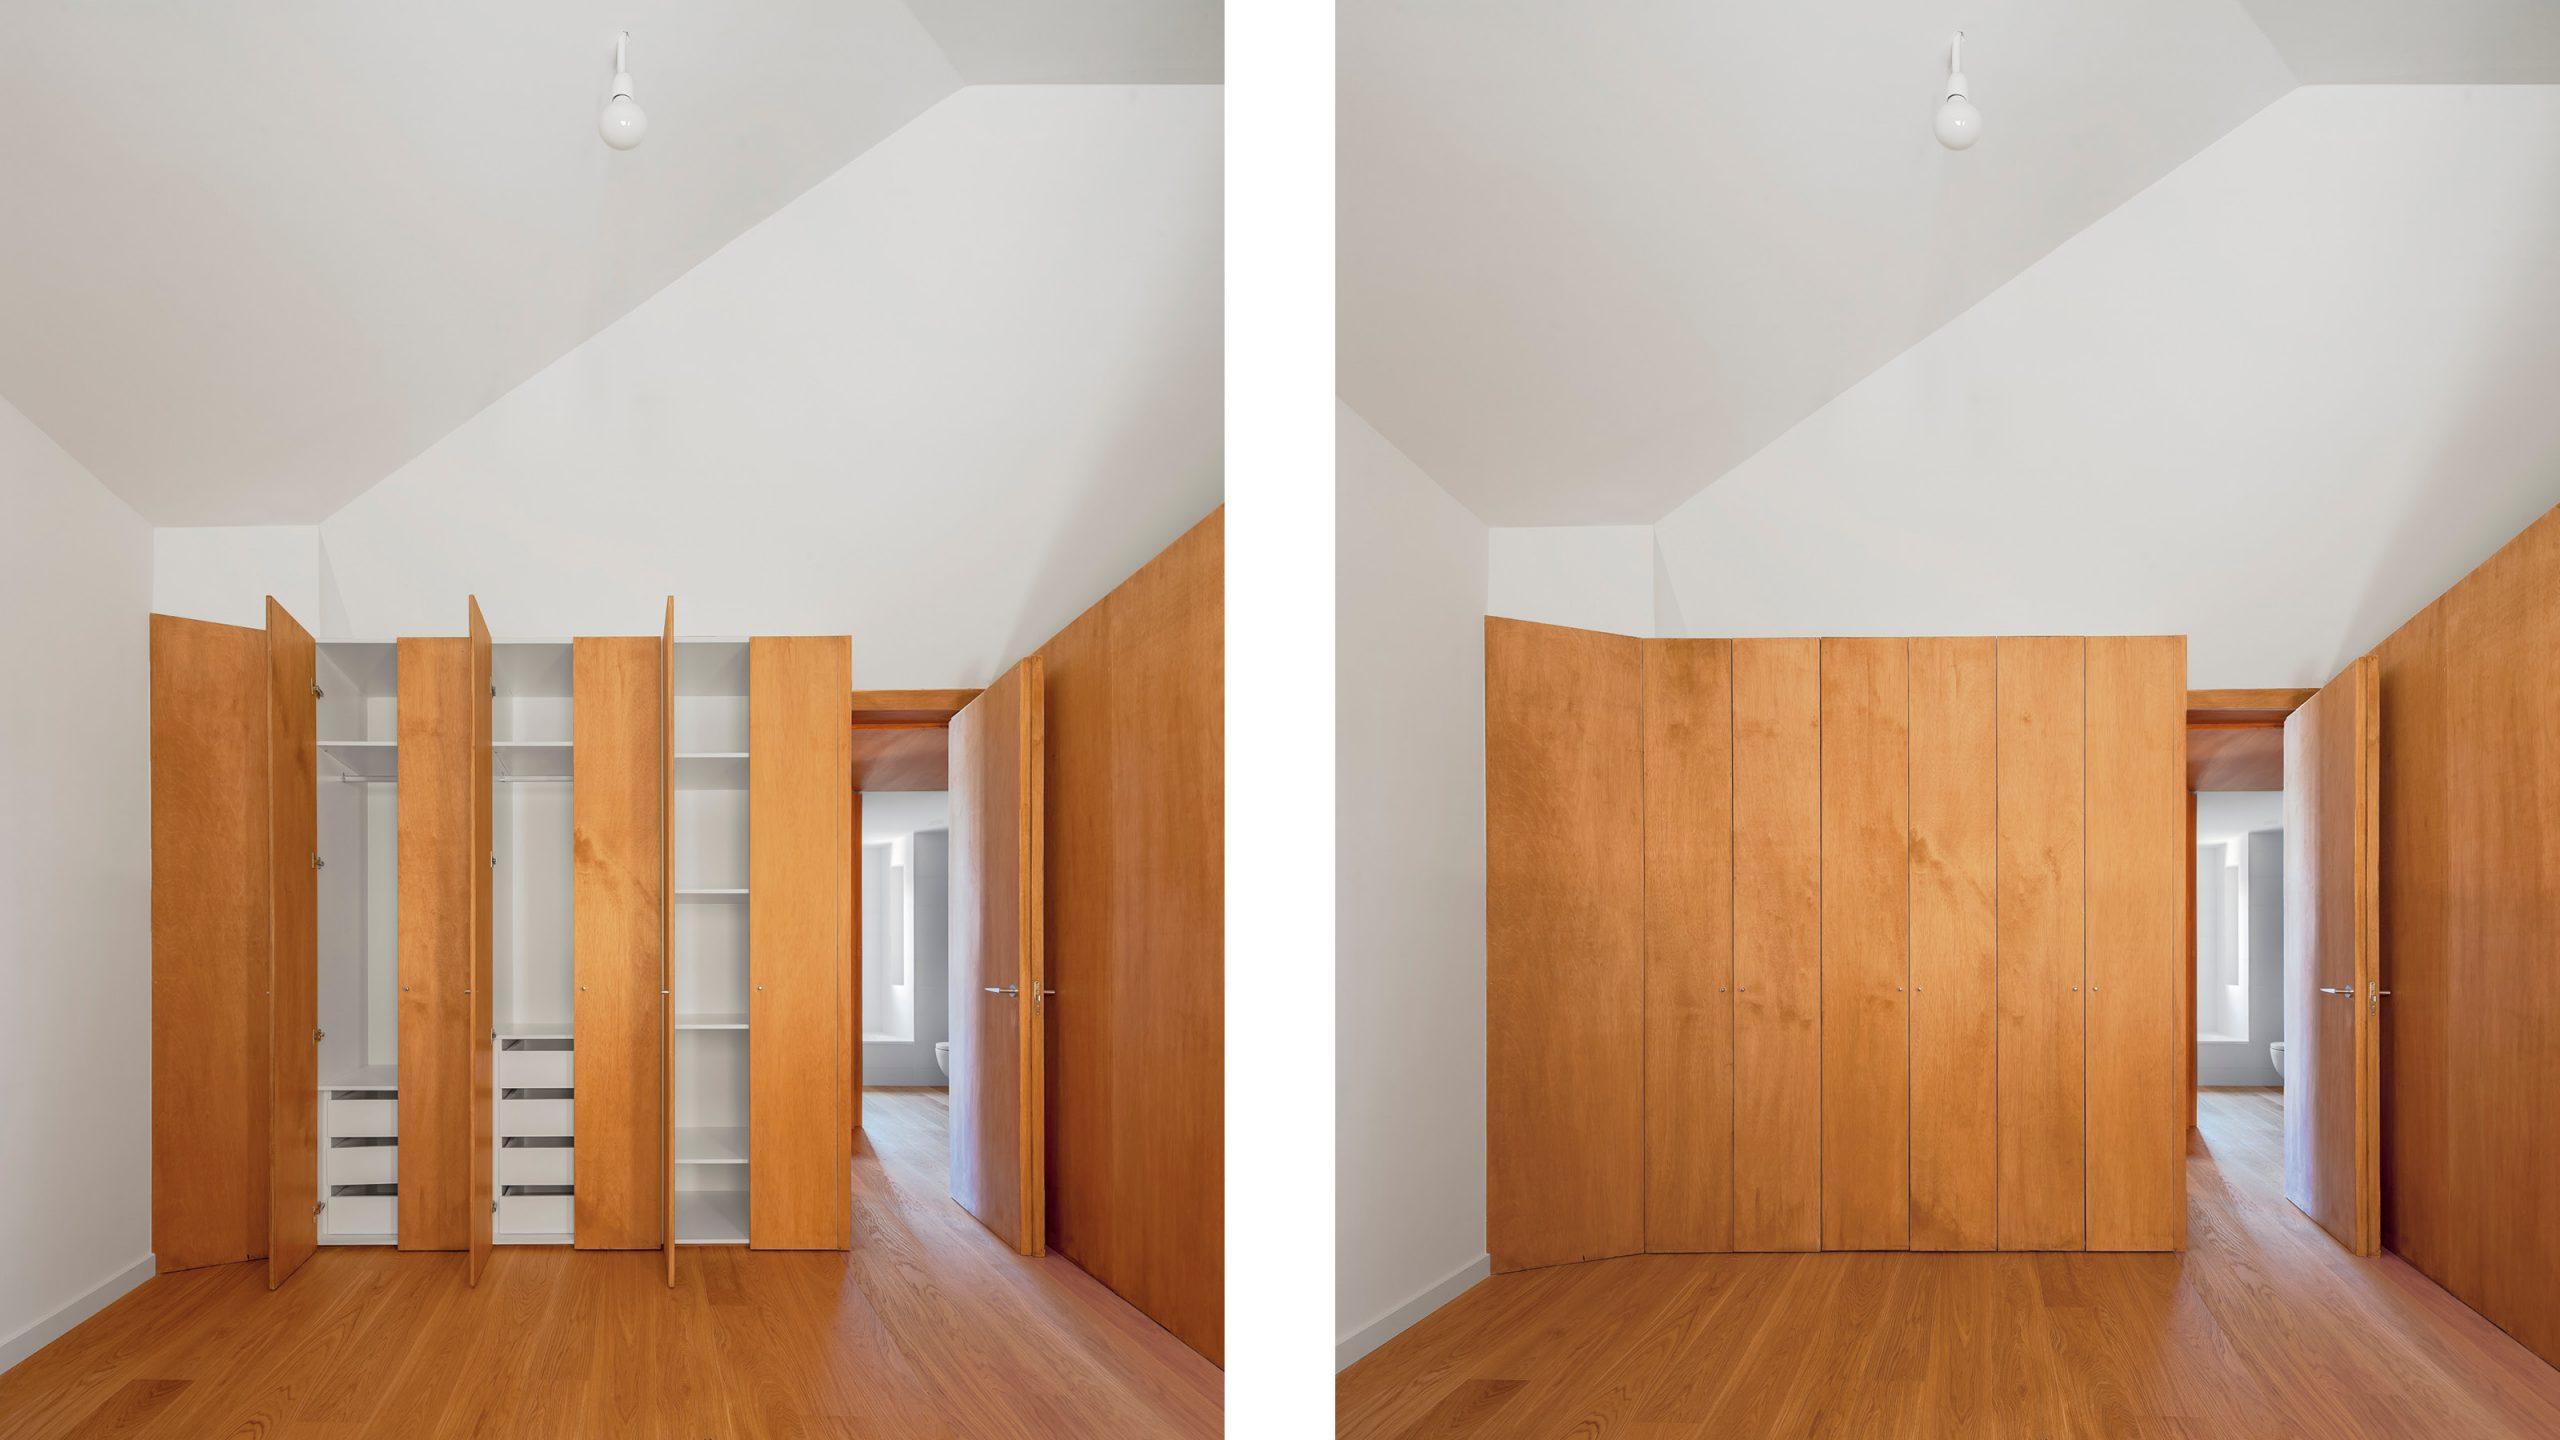 Habitaciones del piso superior de la casa Centrifuga-Centripeta